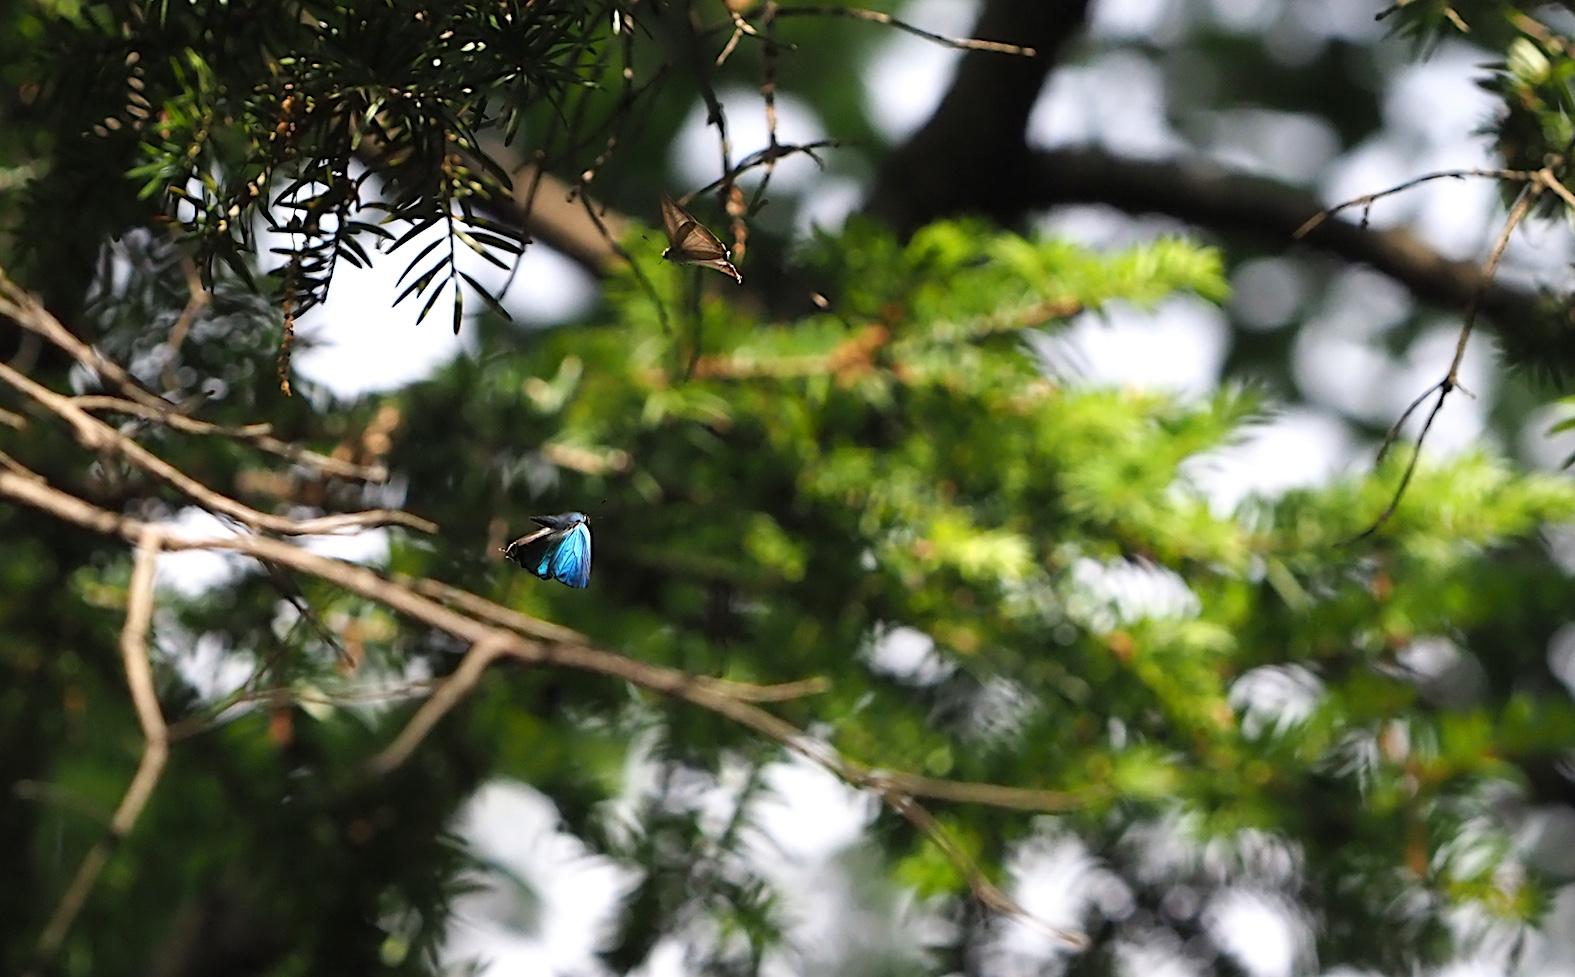 オオミドリシジミ三昧の日・その3 卍巴飛翔編(2018年6月7日)_d0303129_4284965.jpg